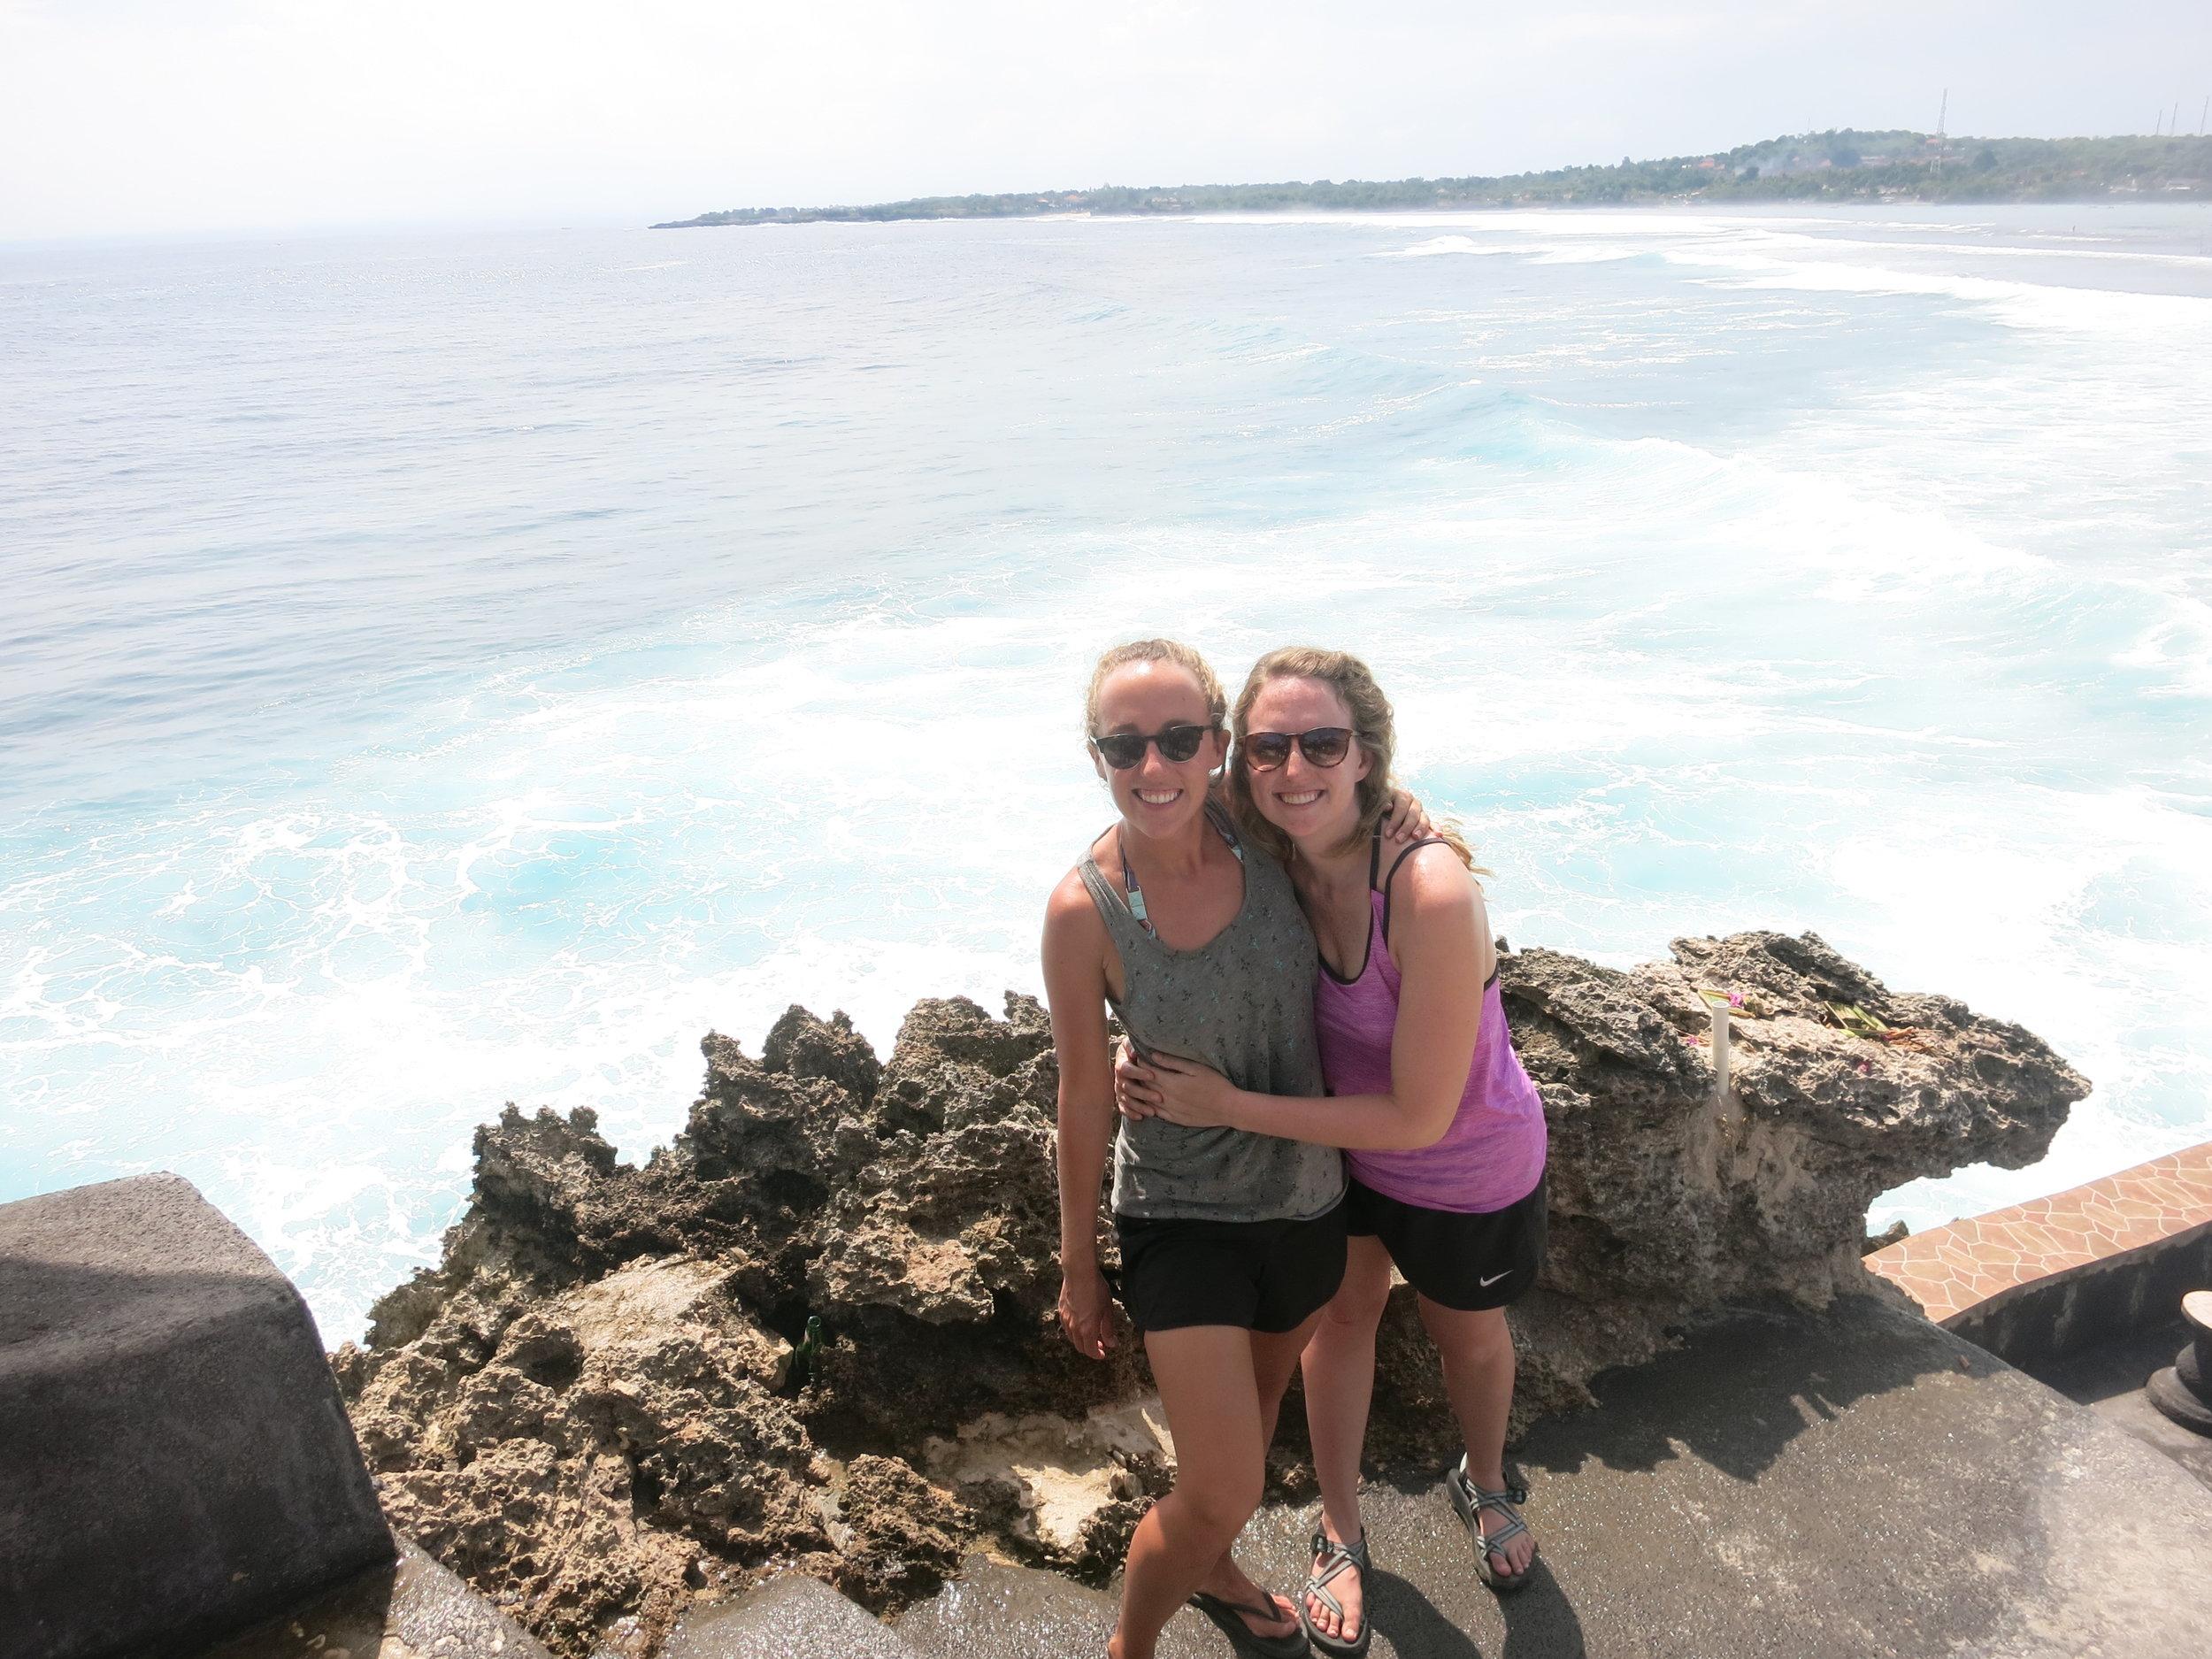 Bali sister trip